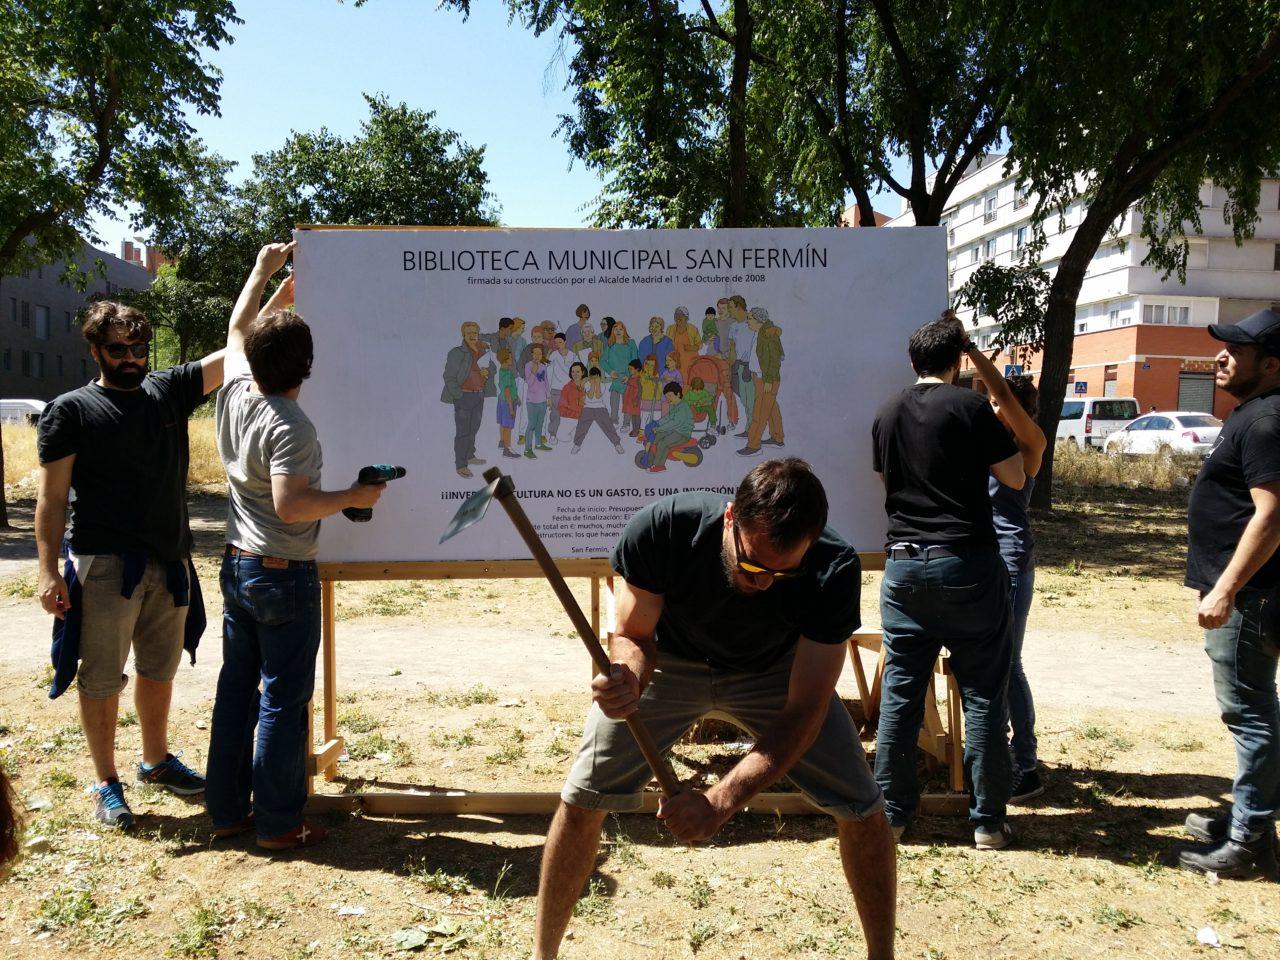 El barrio de San Fermín coloca la primera piedra de la biblioteca comprometida por el Ayuntamiento en 2008